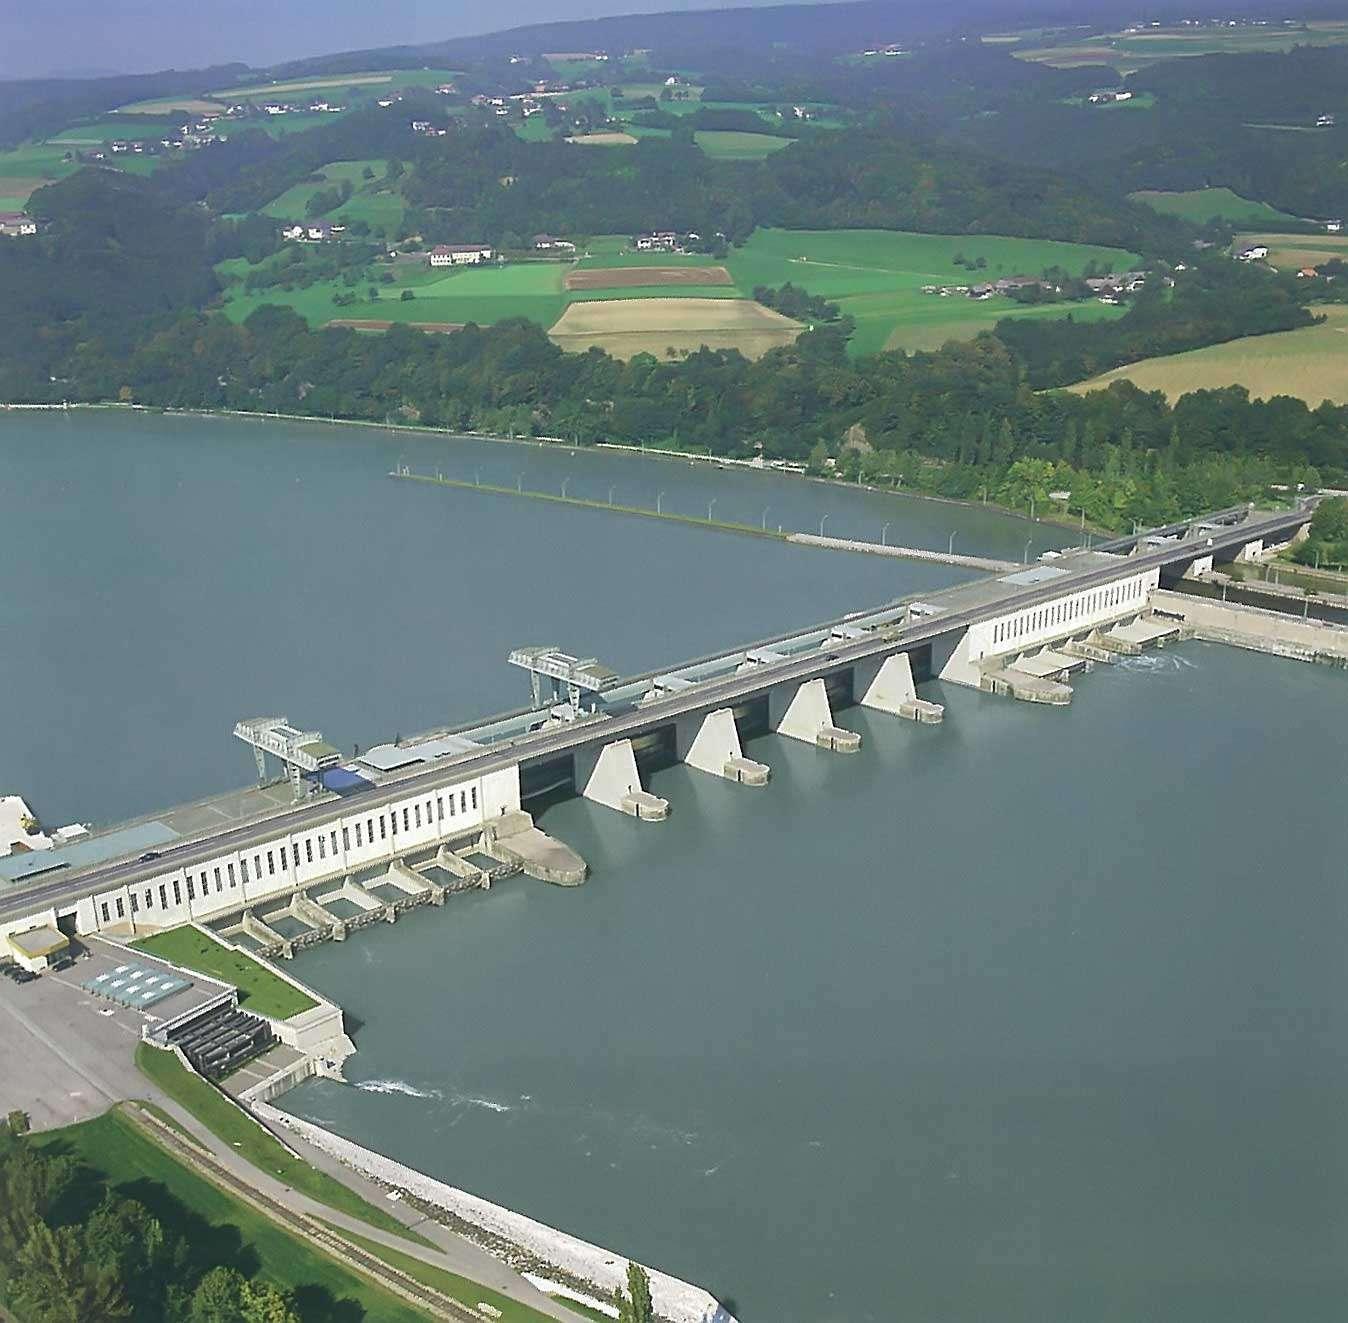 Les centrales gravitaires utilisent le même principe que les centrales hydroélectriques (ici, sur la photo), mais elles ne présentent pas de barrage ou de réserve d'eau. © fr.academic.ru